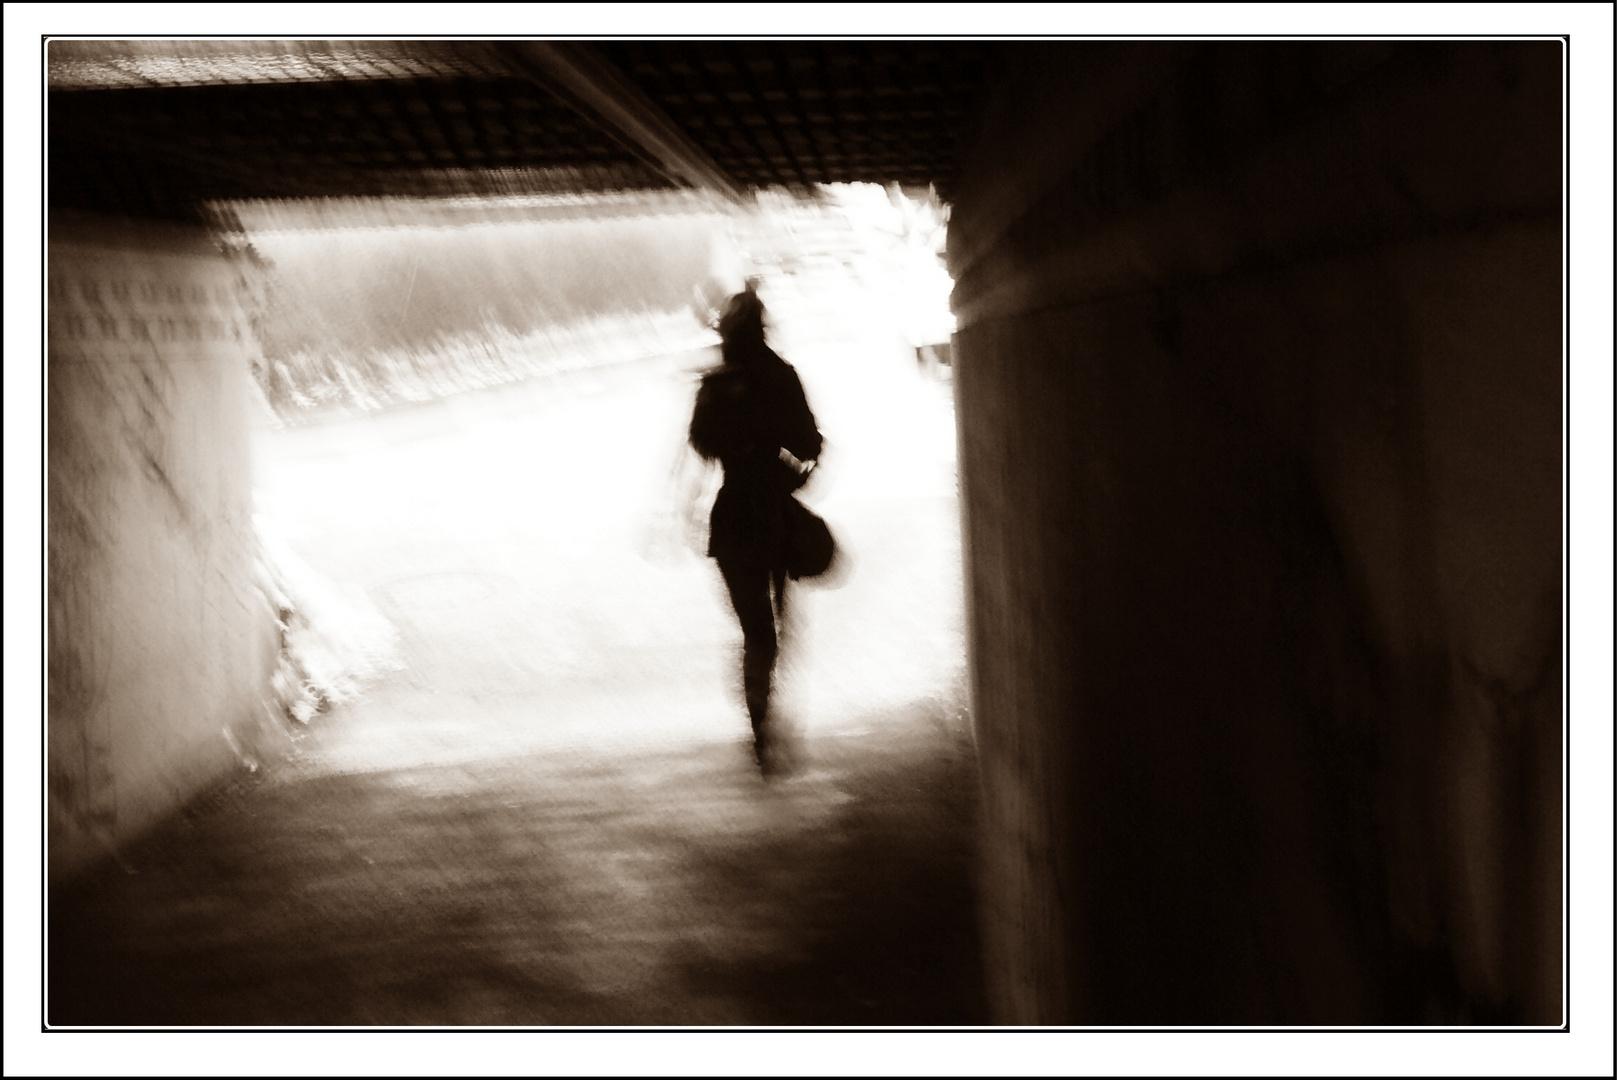 Der Schatten meiner Träume.